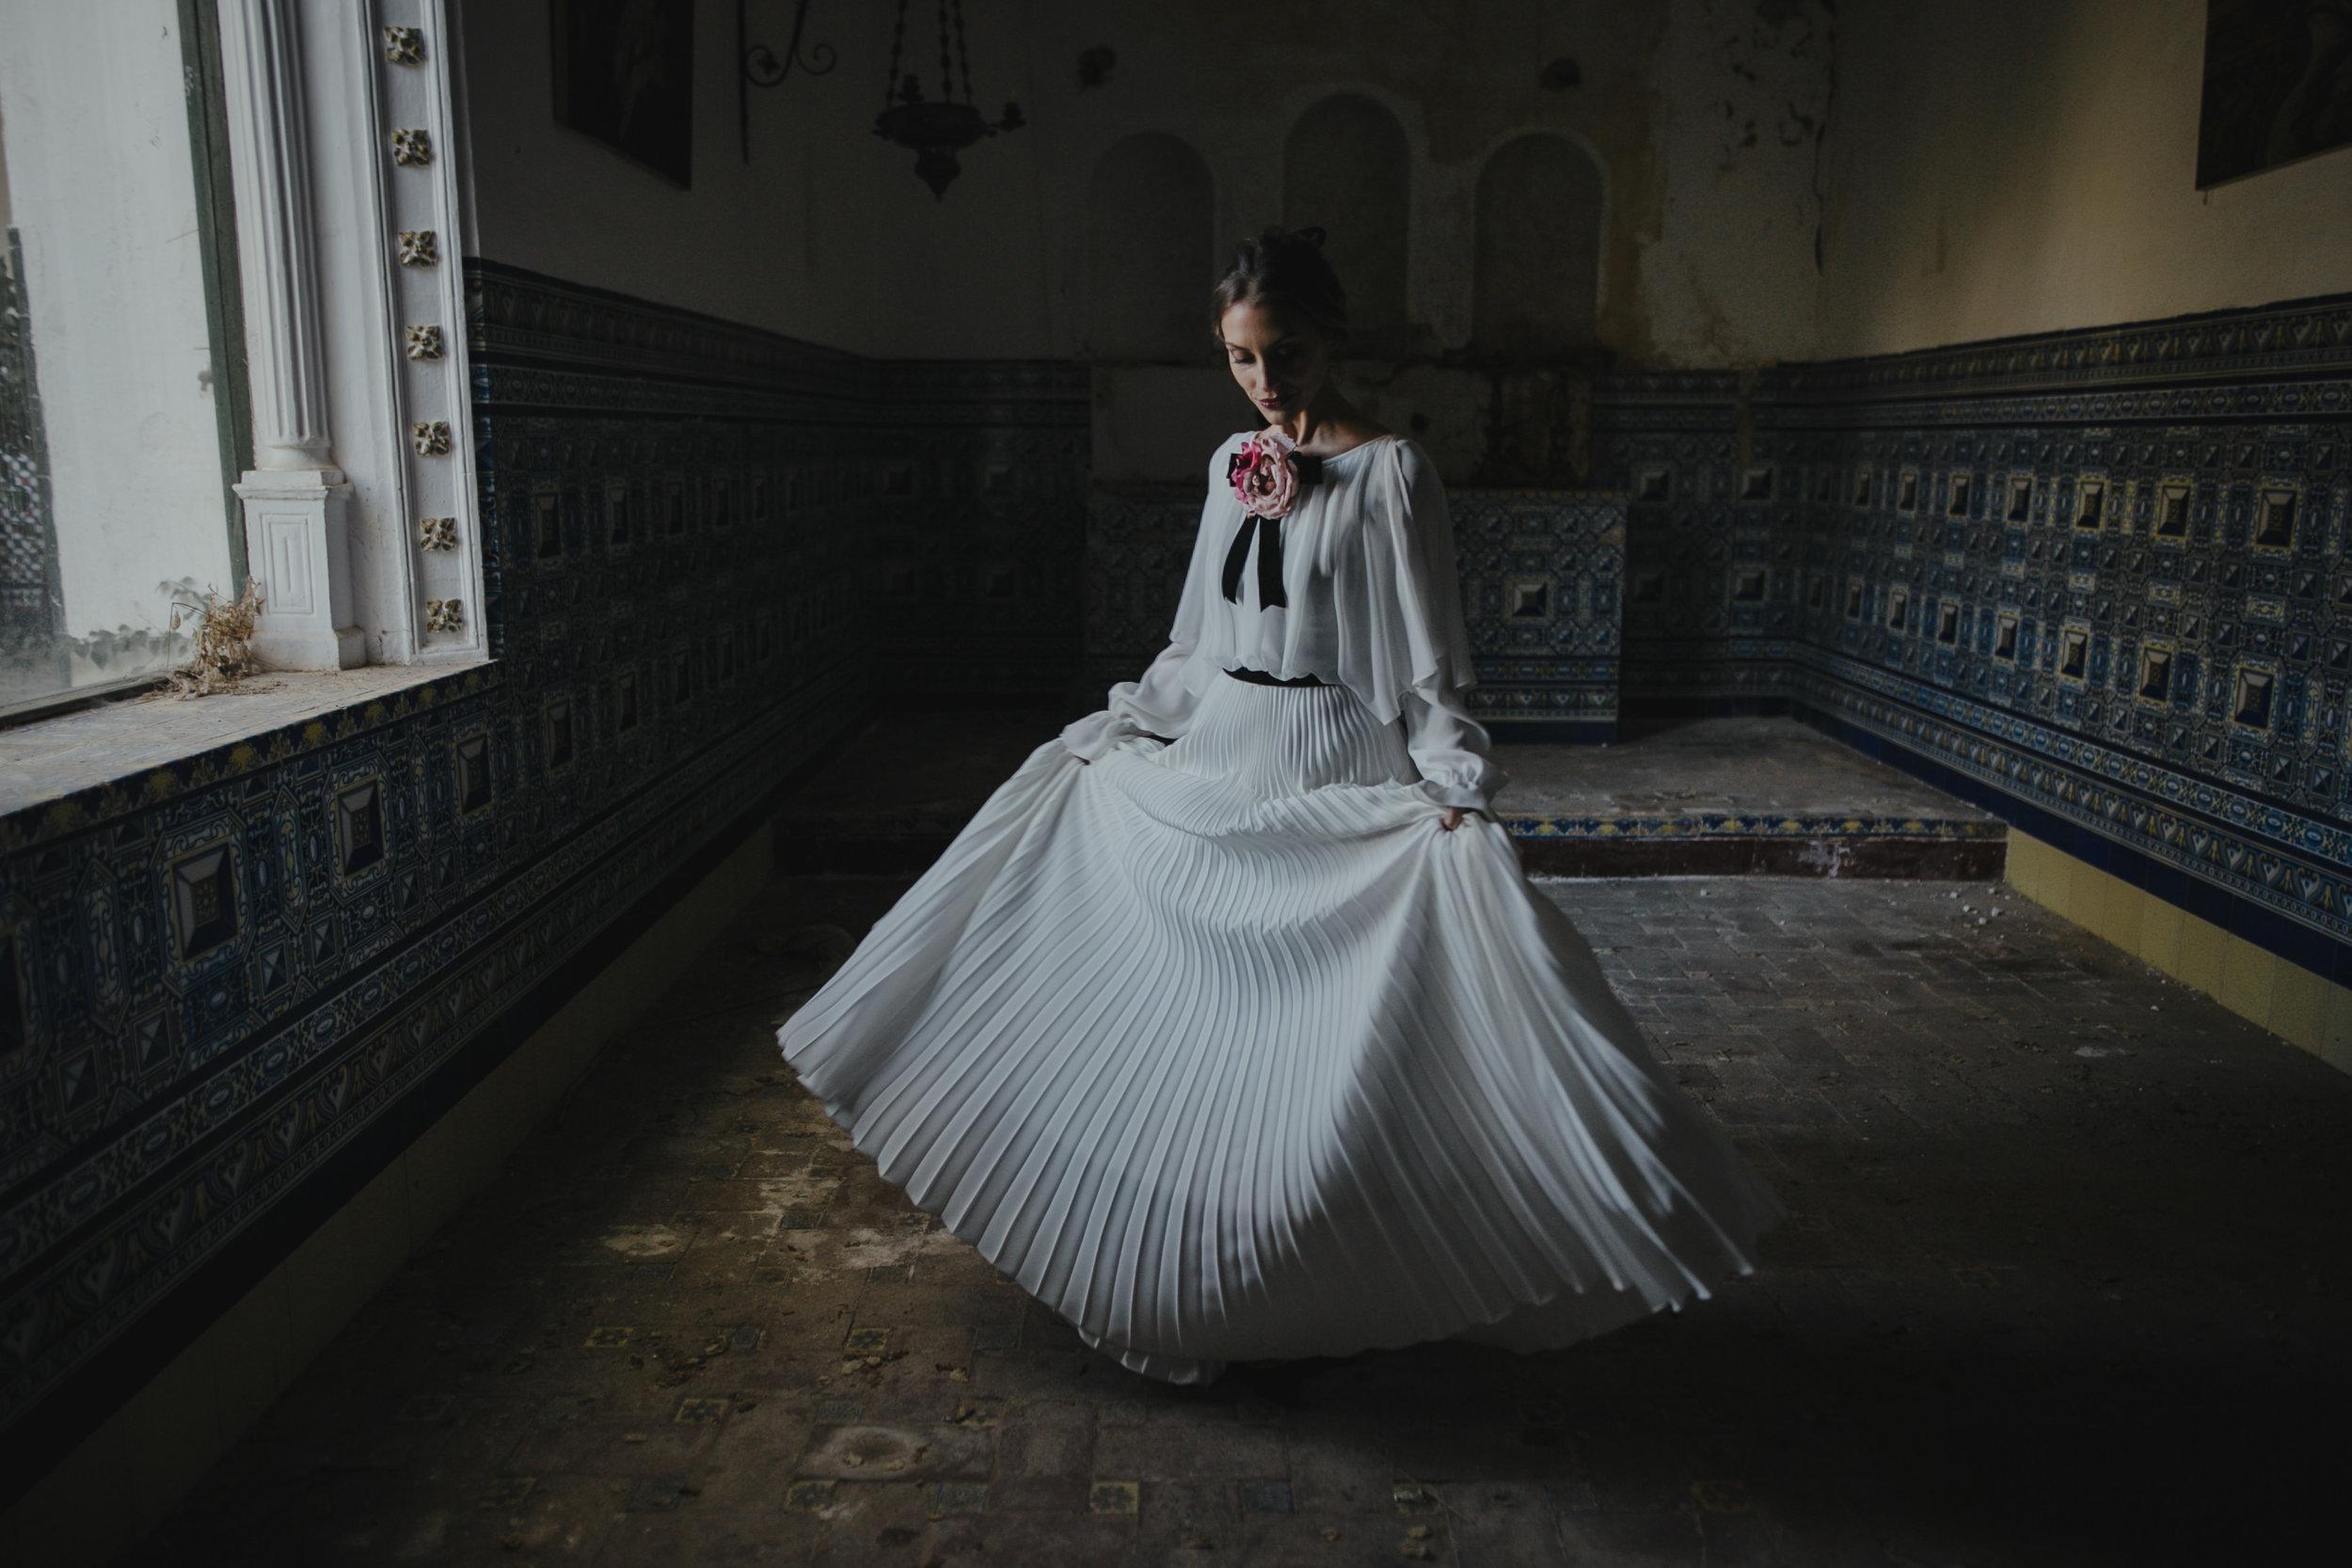 Fotografo de bodas españa serafin castillo wedding photographer spain 085.jpg